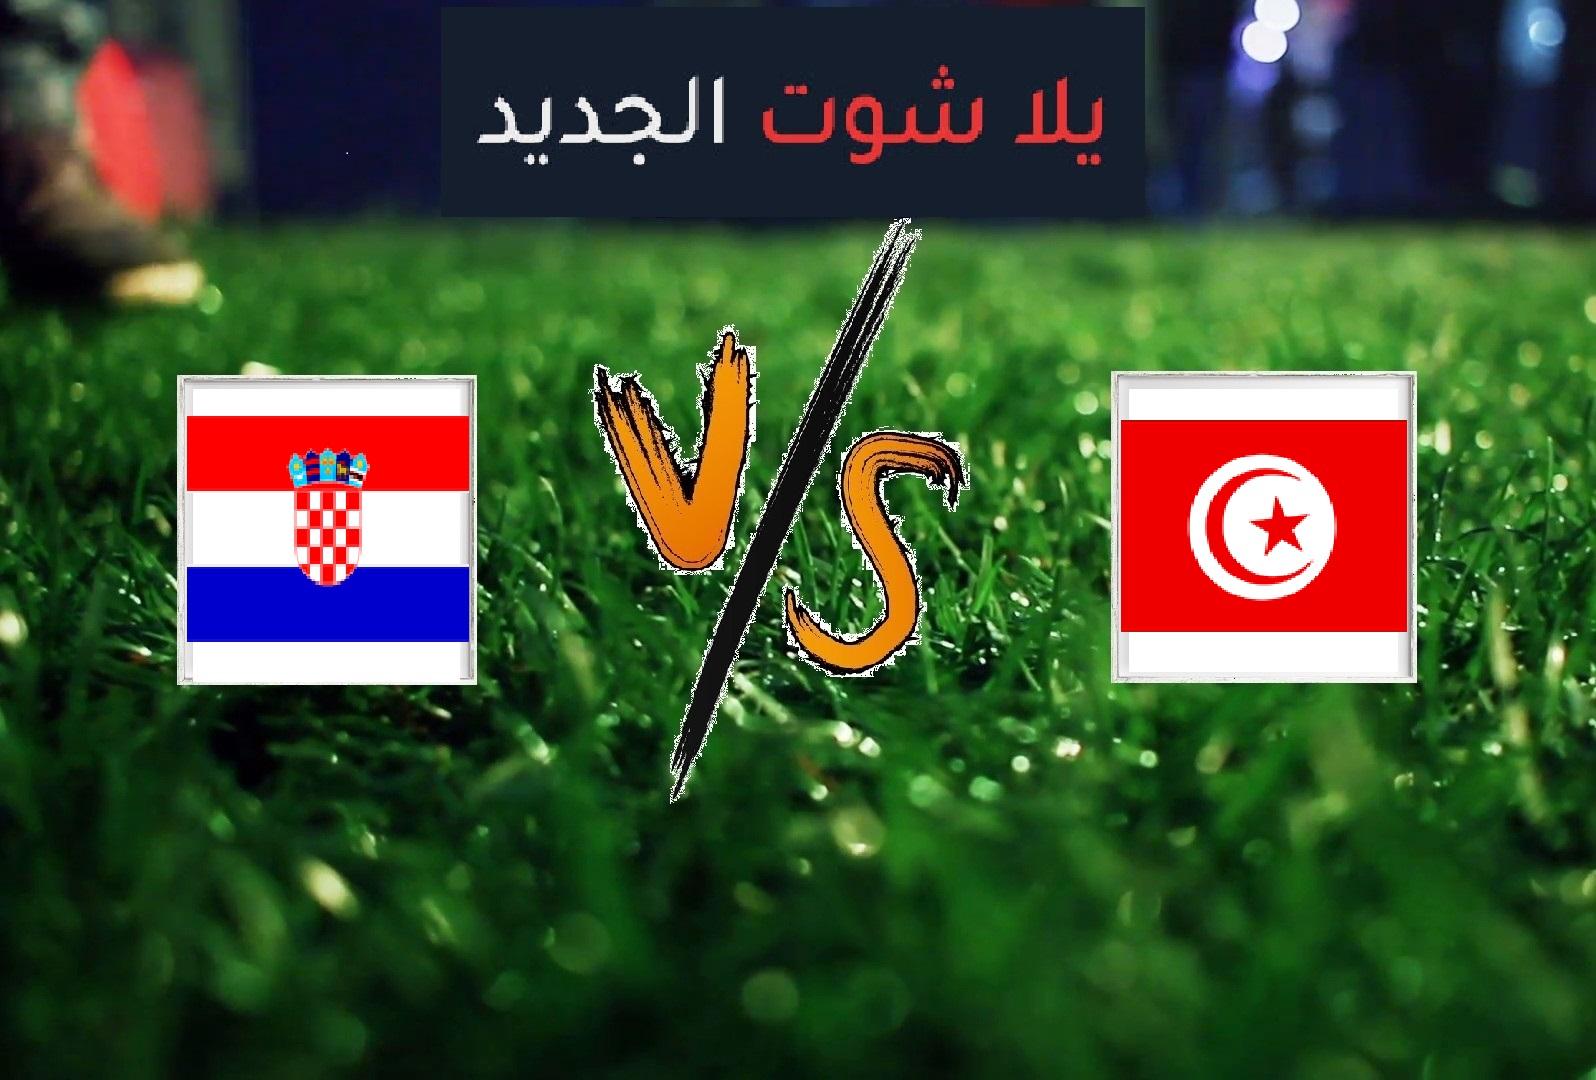 نتيجة مباراة تونس وكرواتيا اليوم الثلاثاء بتاريخ 11-06-2019 مباراة ودية